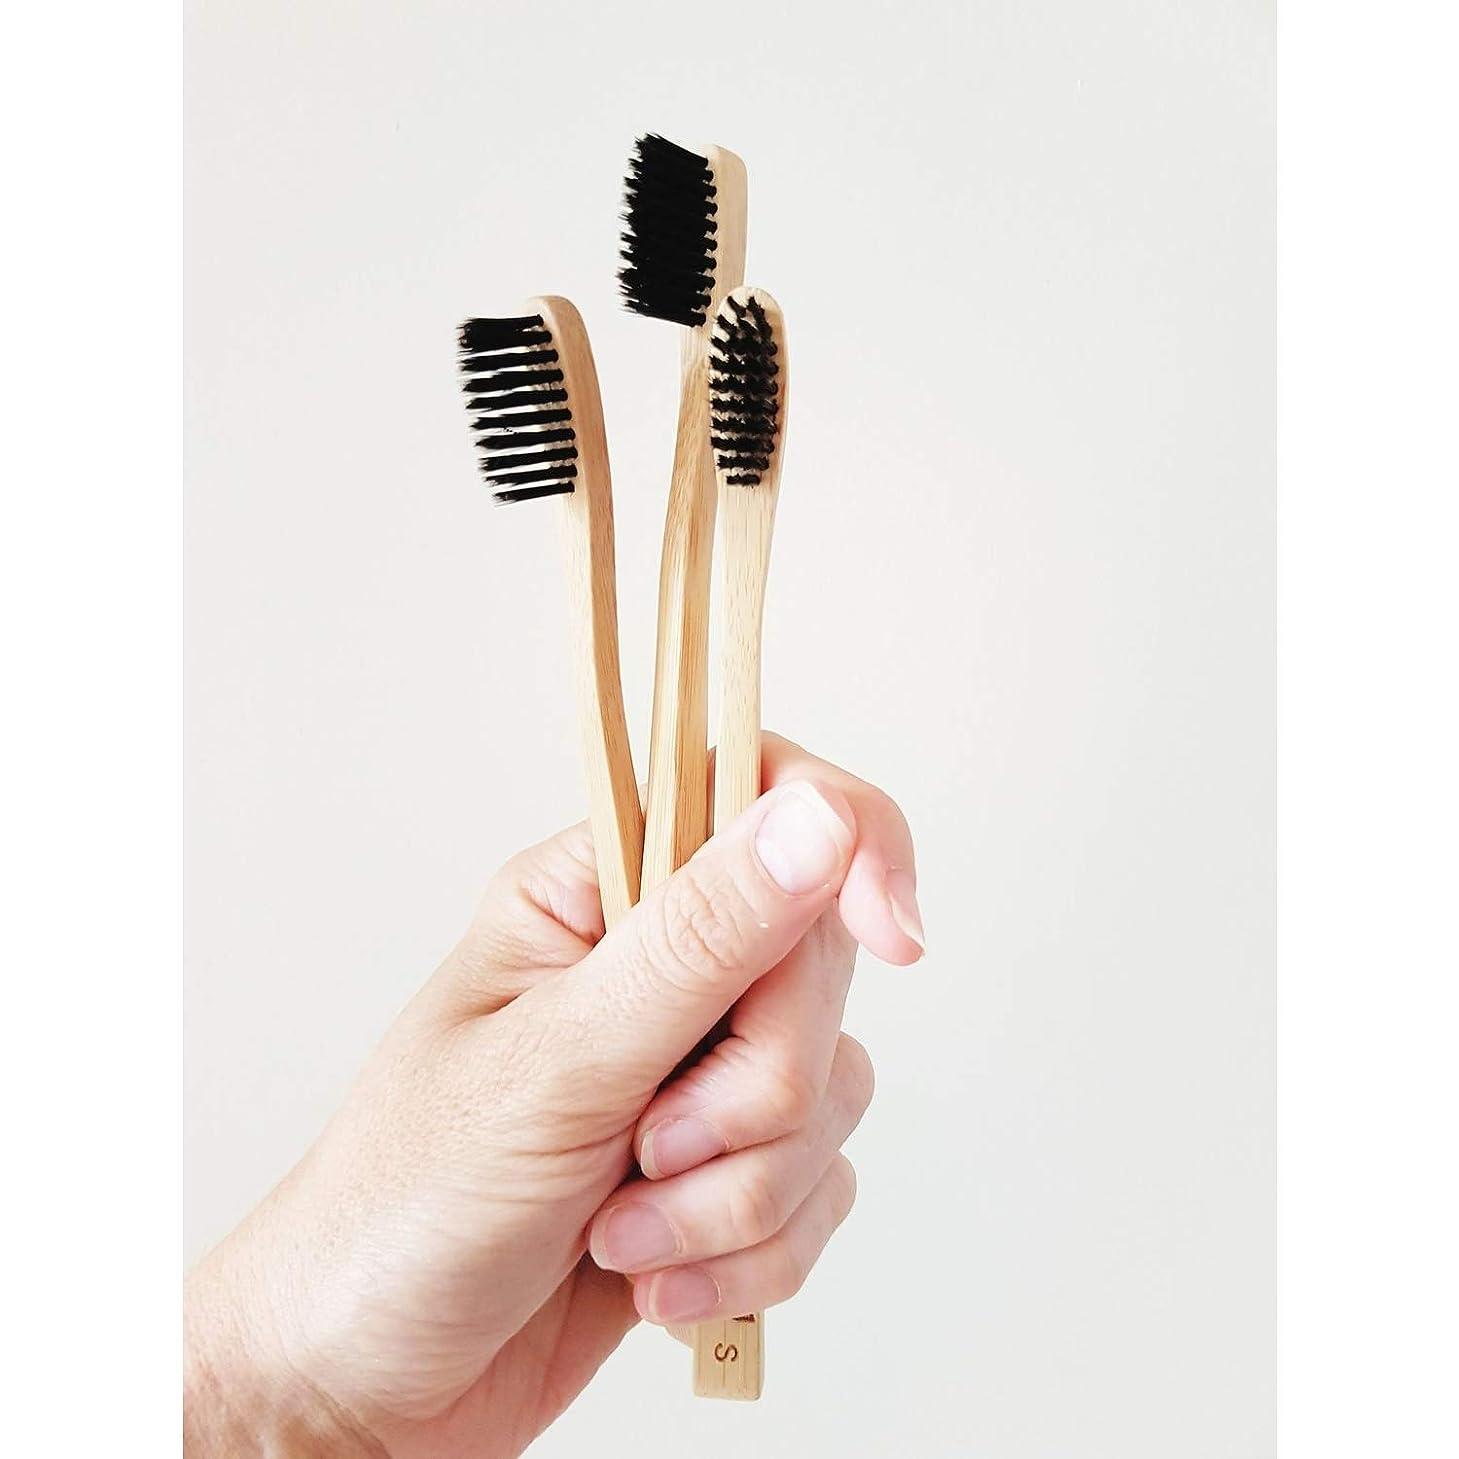 シェトランド諸島曲げる意志Ladybug 竹の歯ブラシ 竹炭毛 バンブー歯ブラシ (3本入りセット)